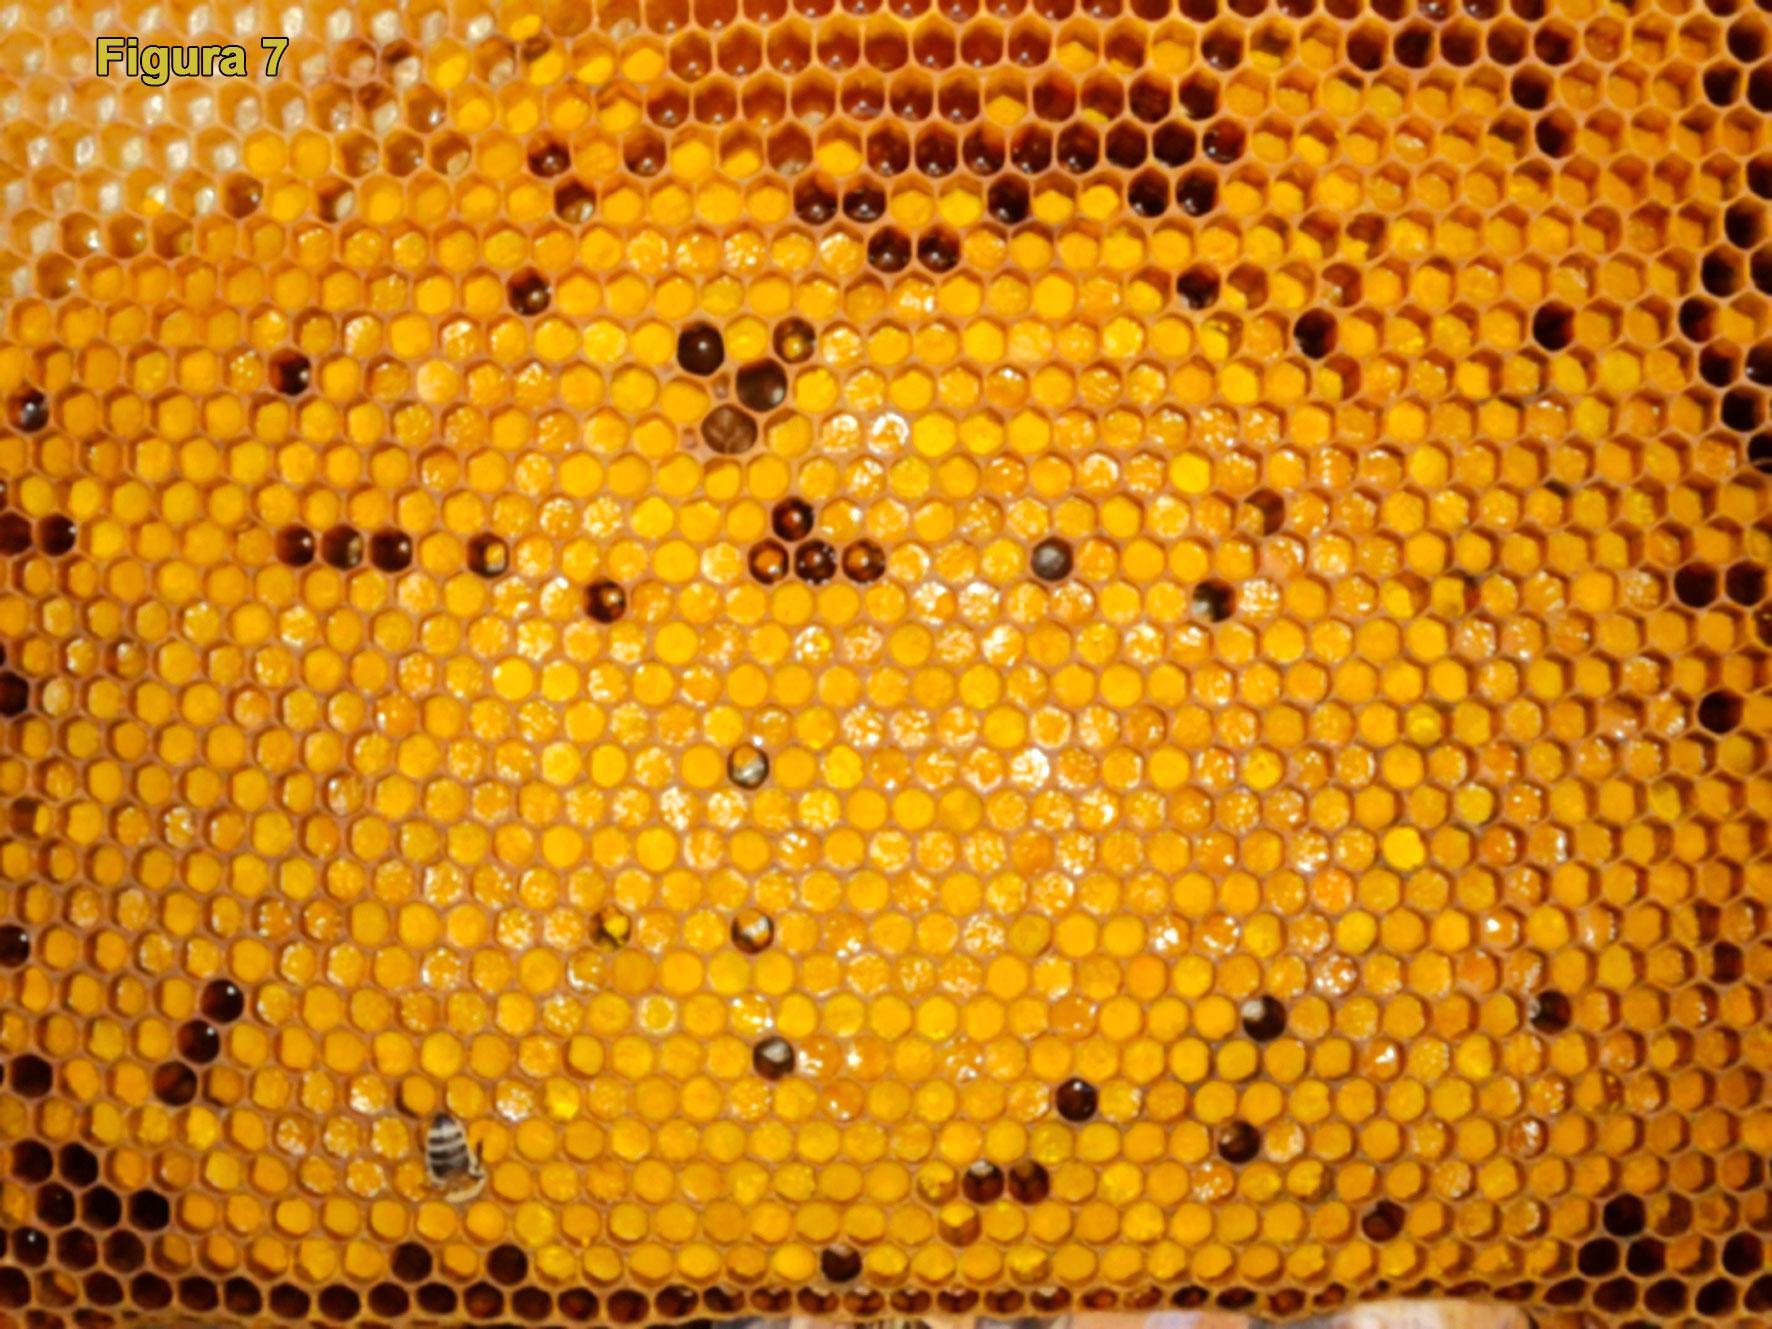 retete fig 7 Fagure cu polen